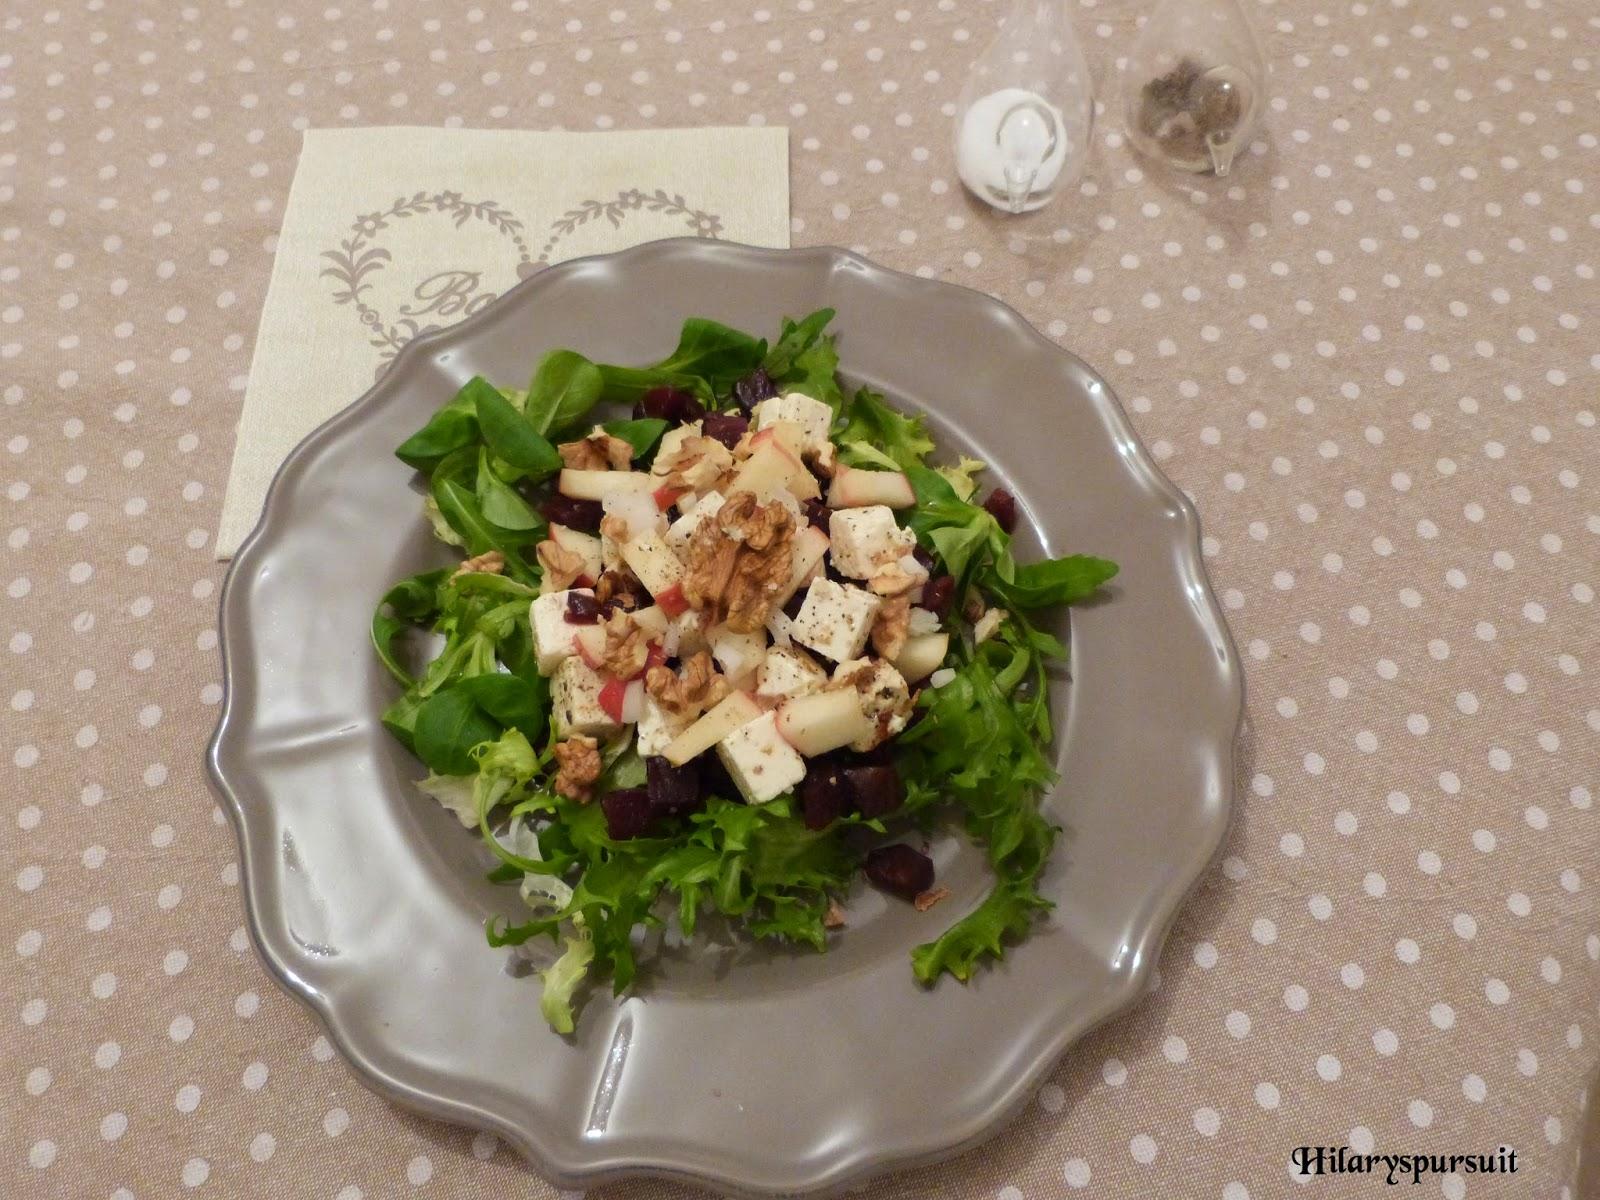 Salade de betterave, féta, pommes et noix